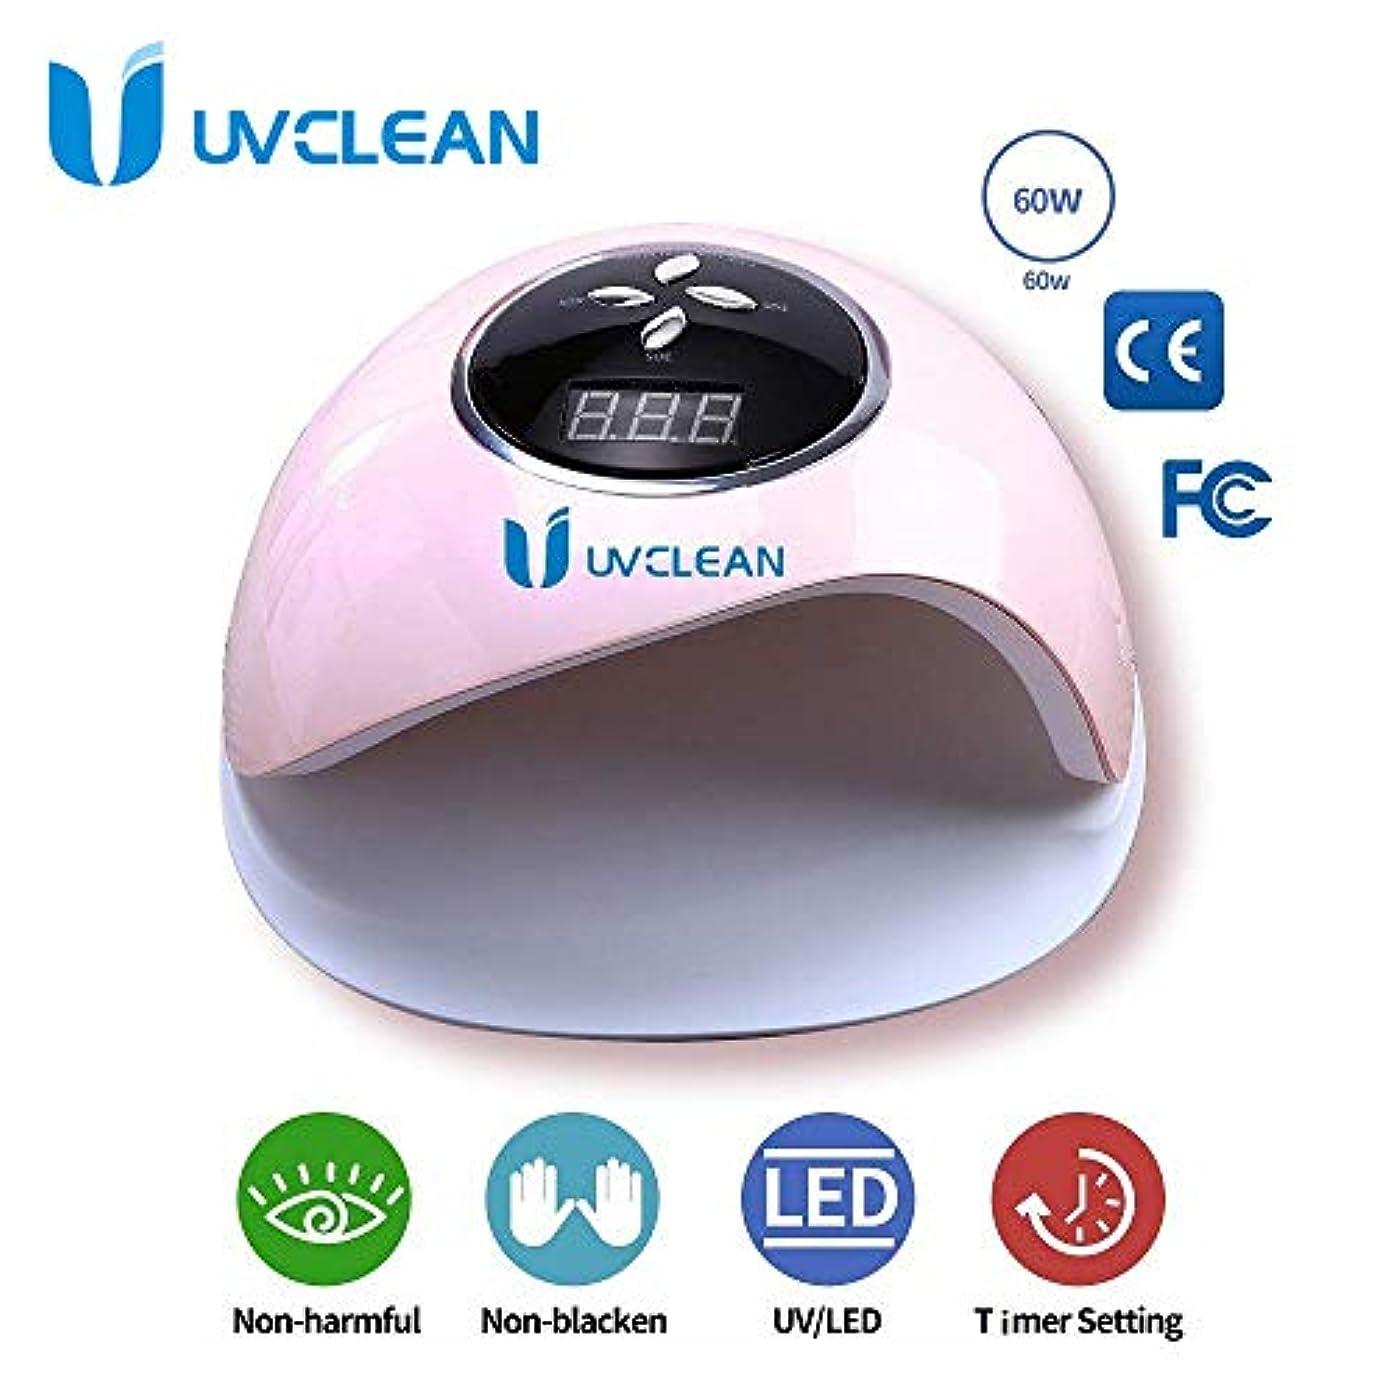 間隔ご近所より平らなセンサーとタイマー機能を有する60Wのuv ledネイルランプ、ネイル乾燥器、ネイル硬化用ライト 、ネイルサロンランプ (ピンク)